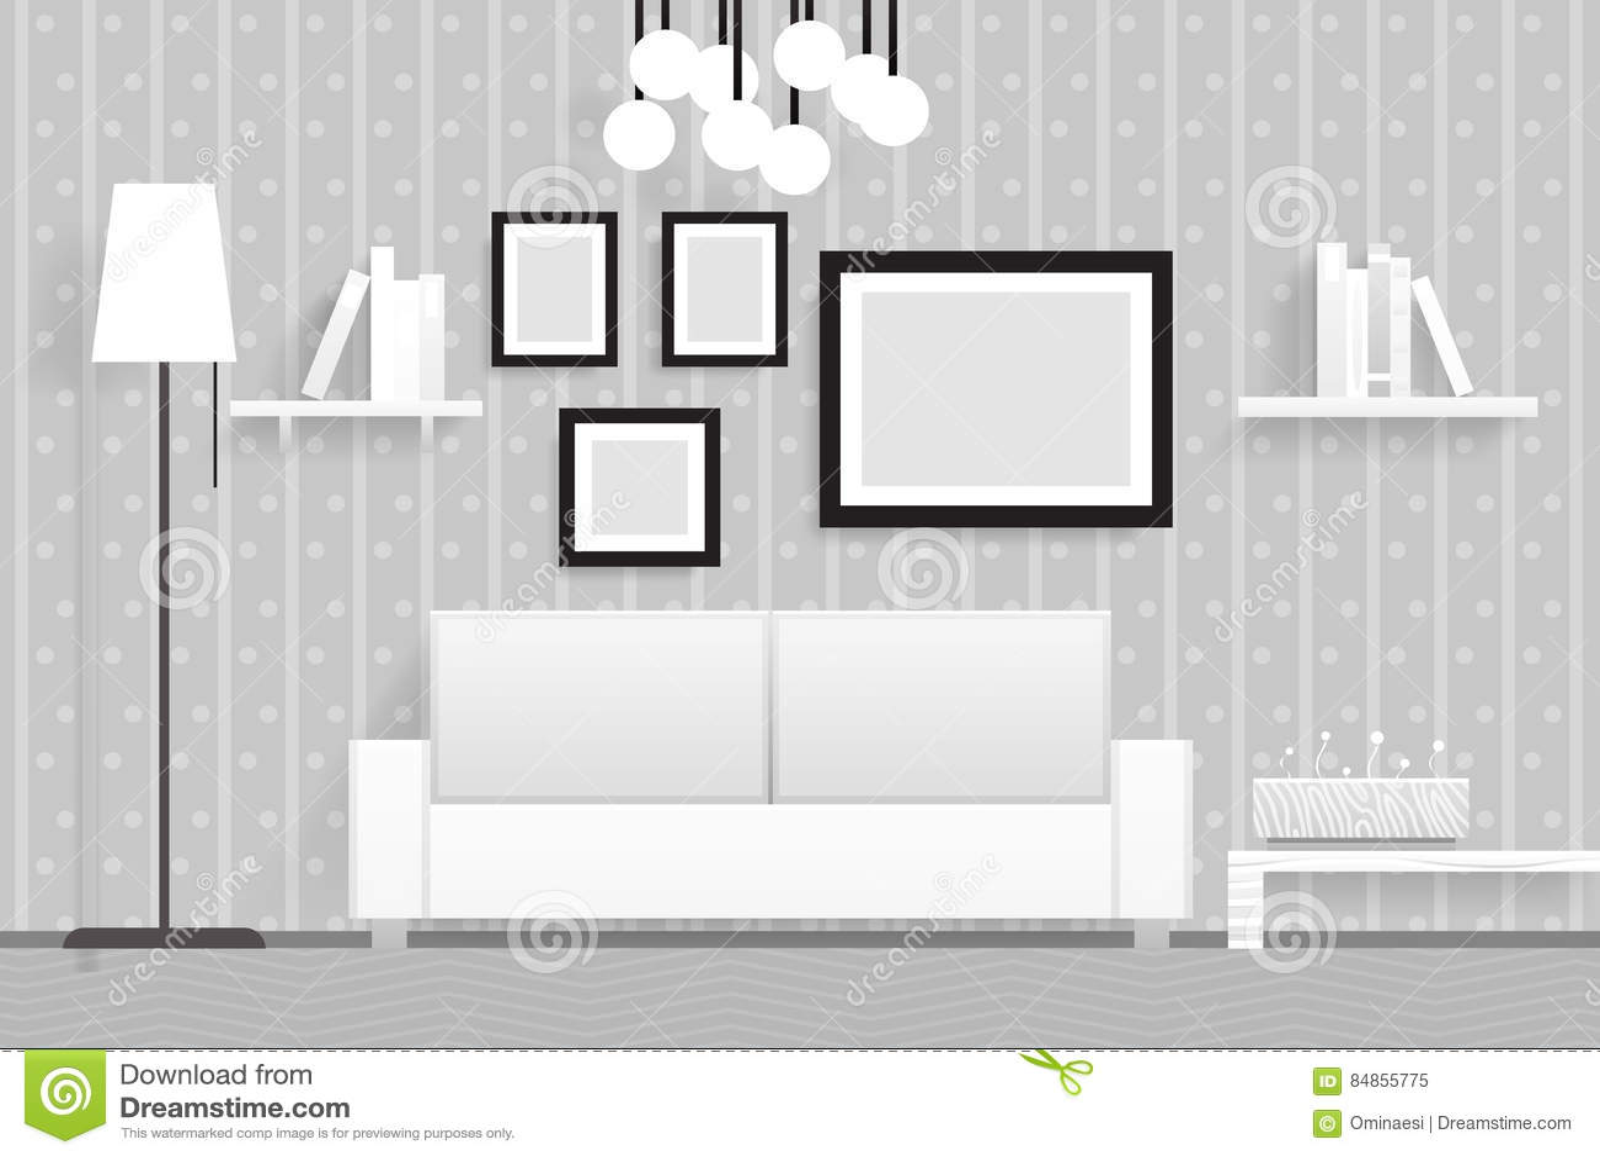 Ejemplo realista interior del vector del diseño de los muebles 3d de la sala de estar